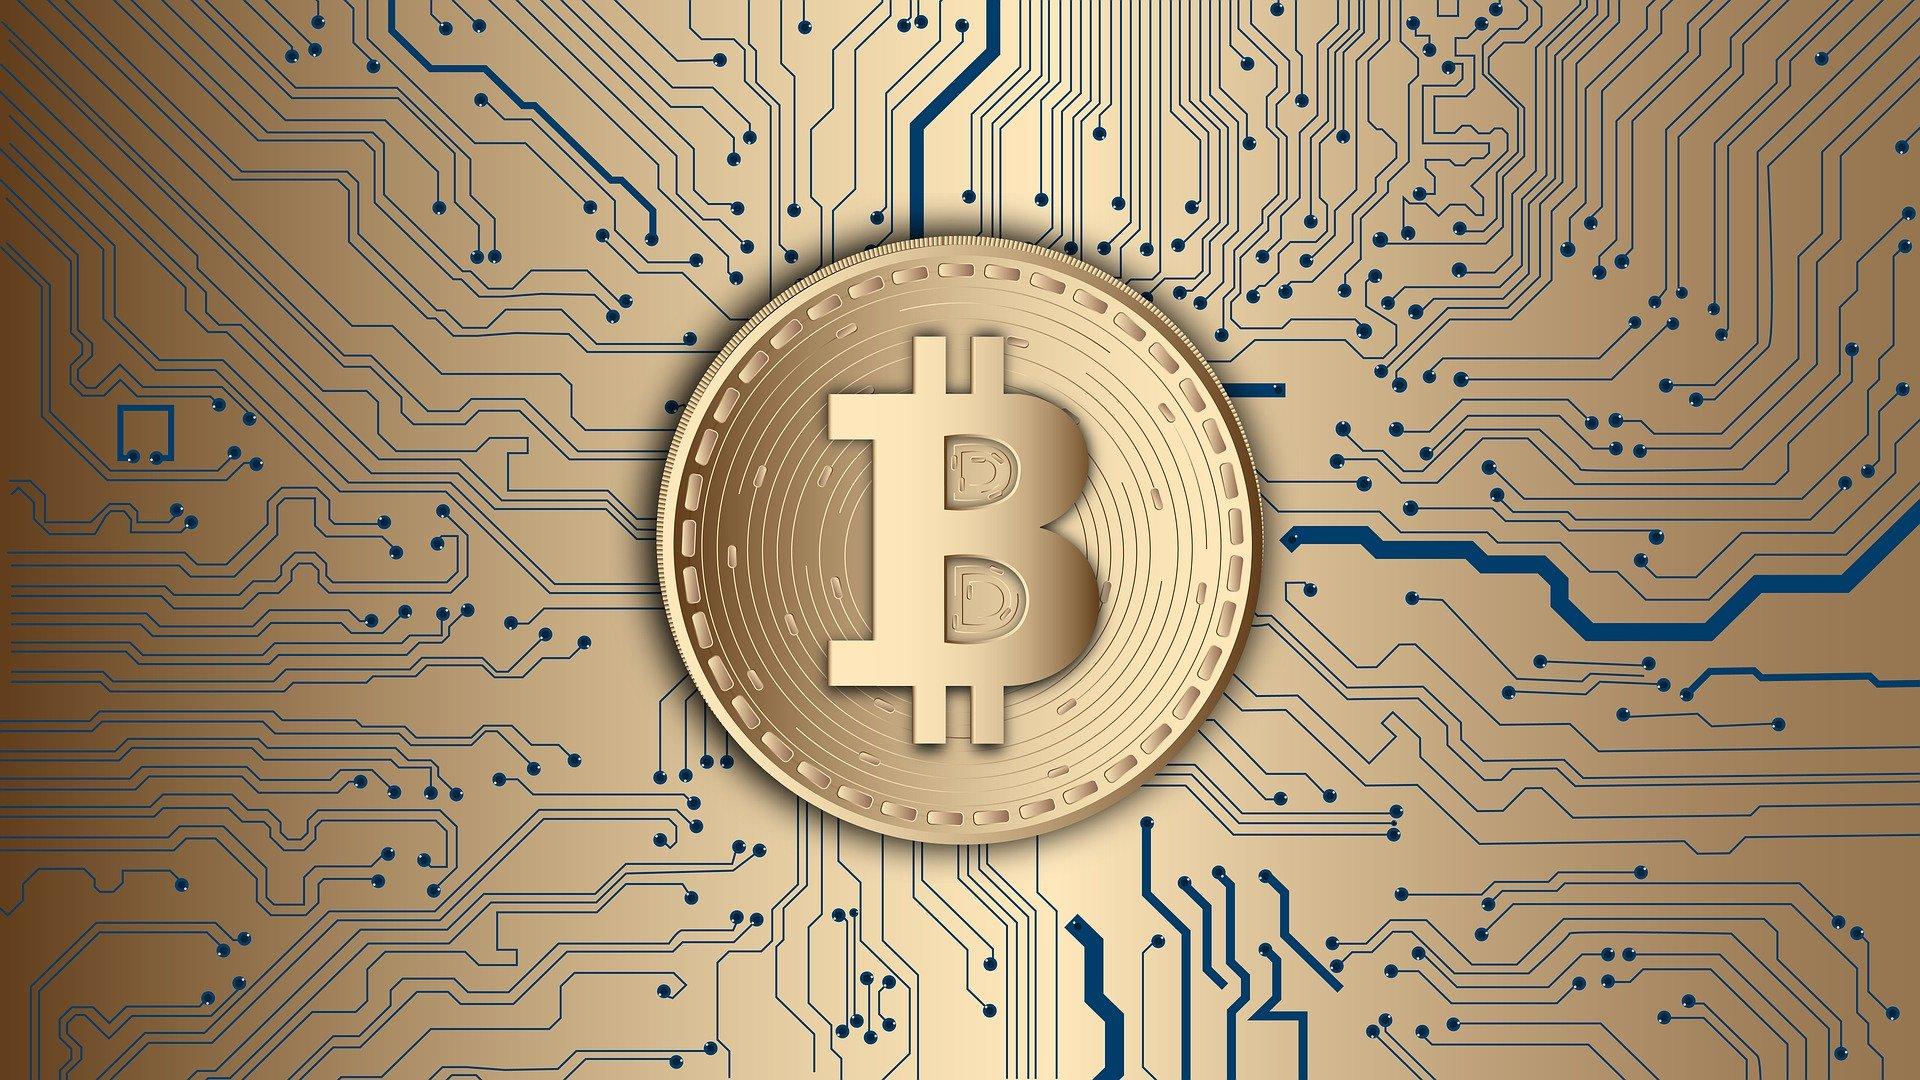 Hoe kan ik Bitcoin kopen? 1